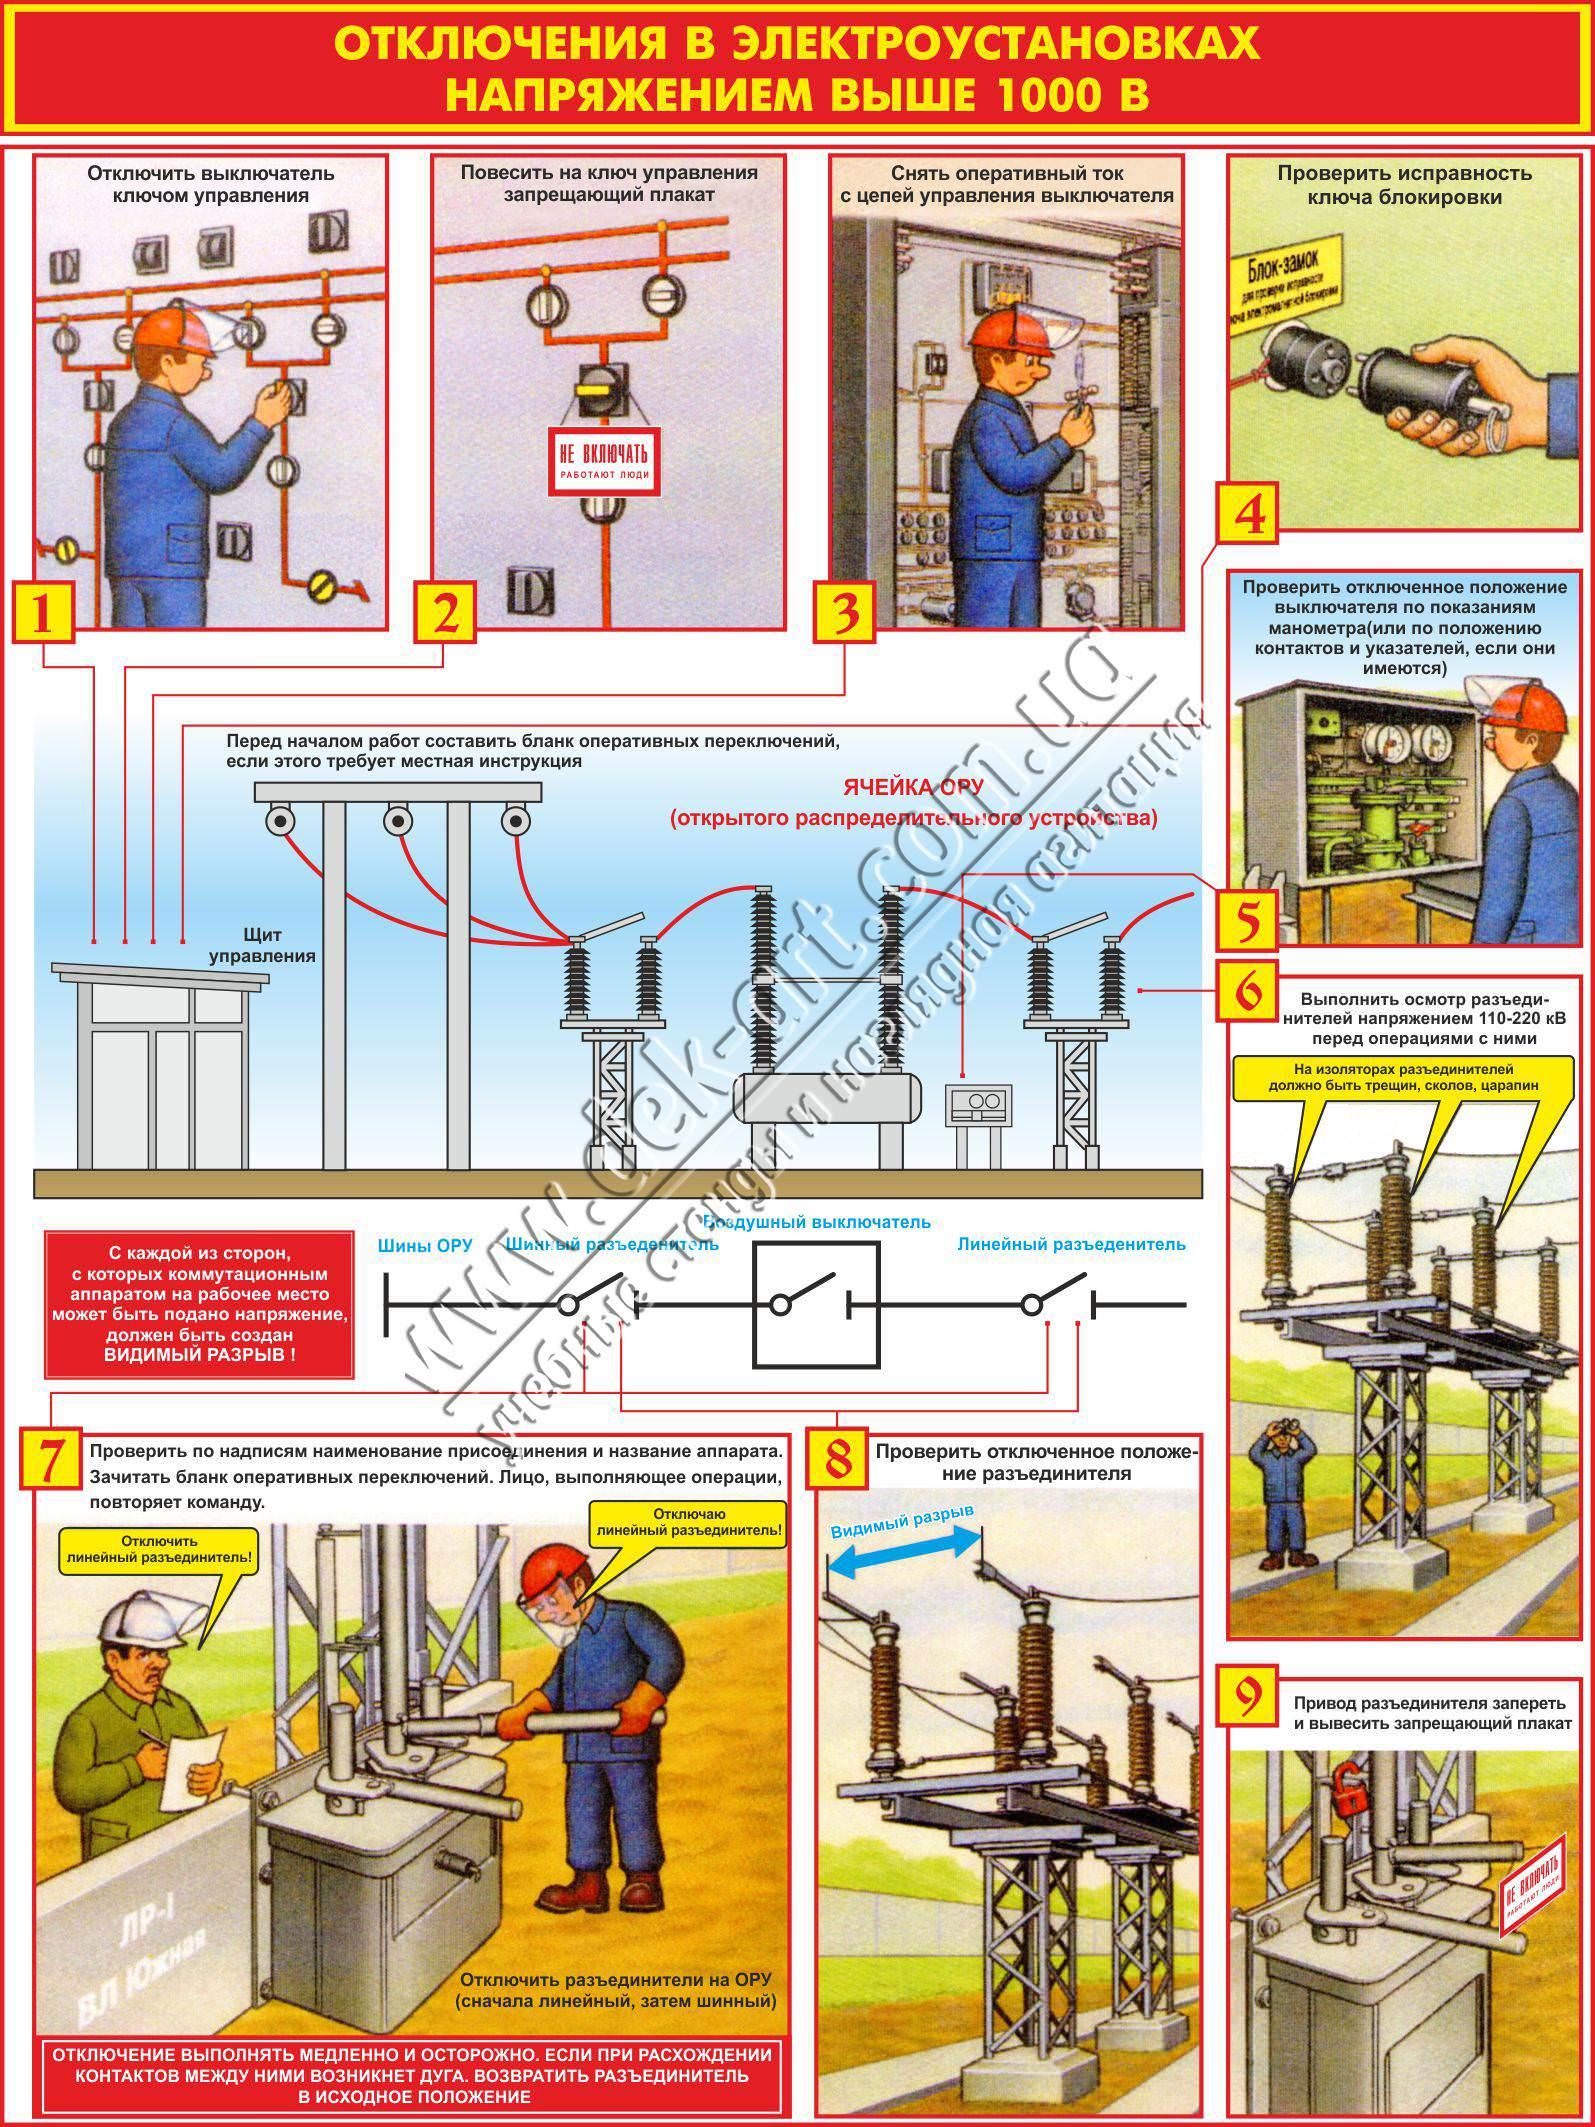 Электробезопасность: что это такое, правила